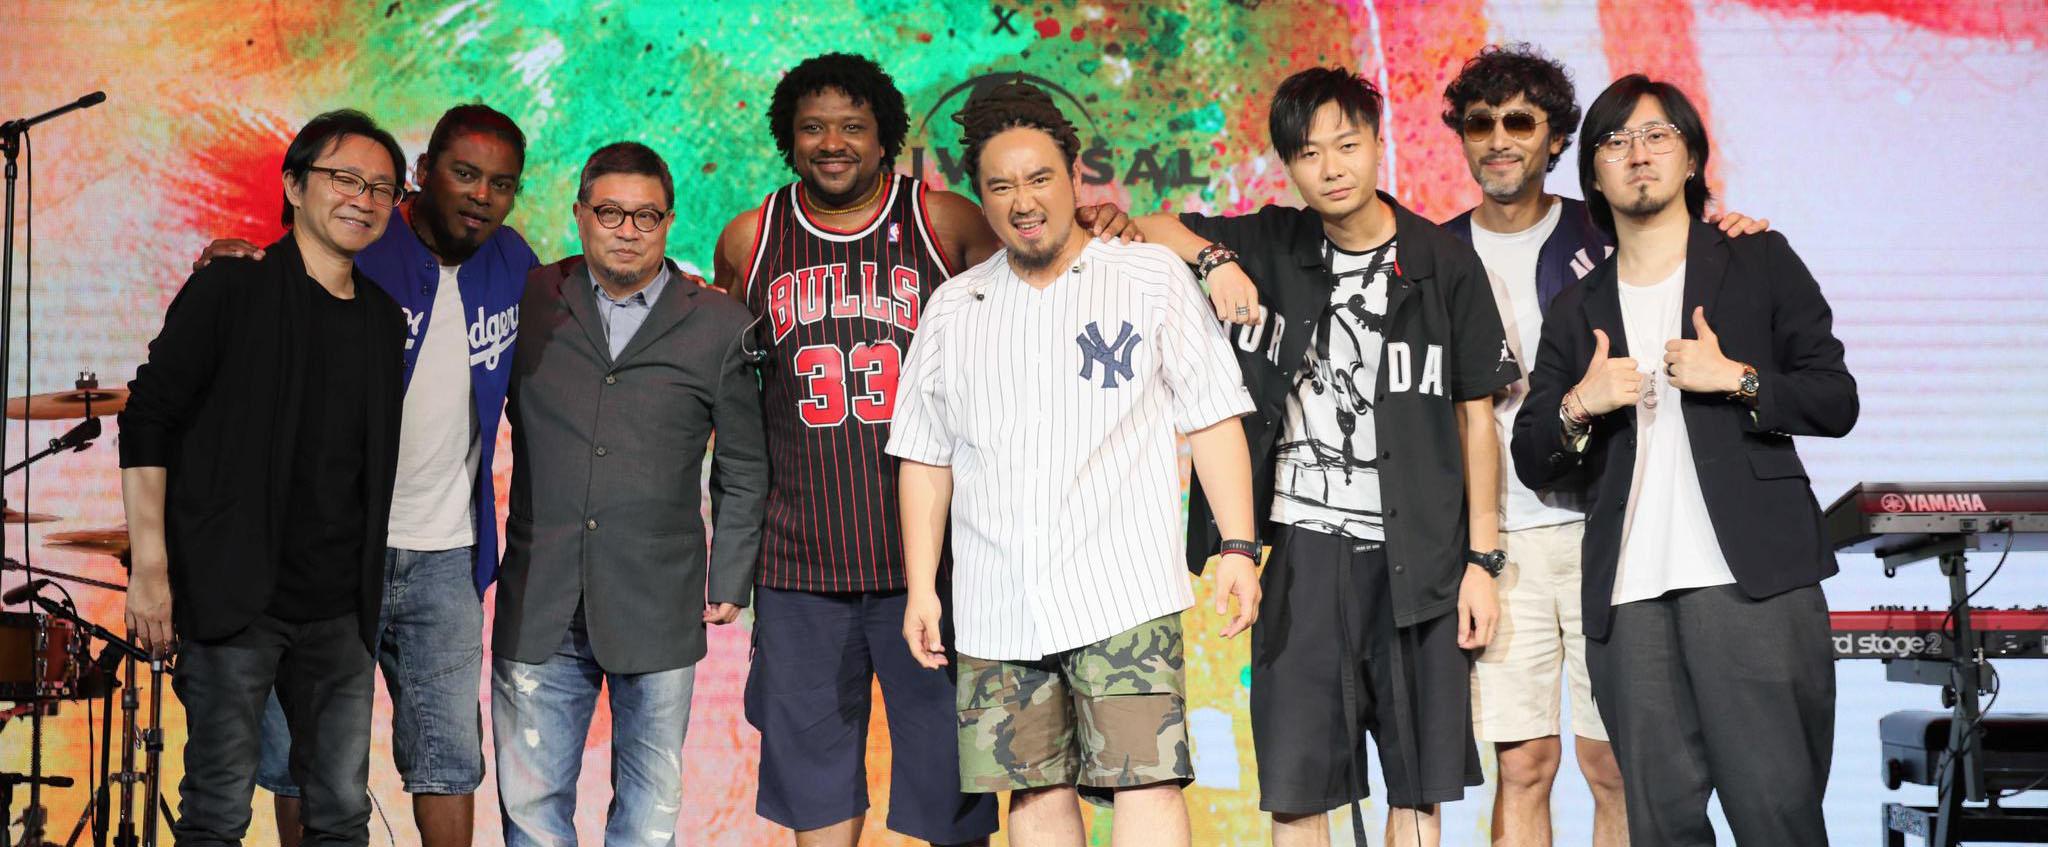 玛斯卡在京举办发布会 正式签约环球音乐